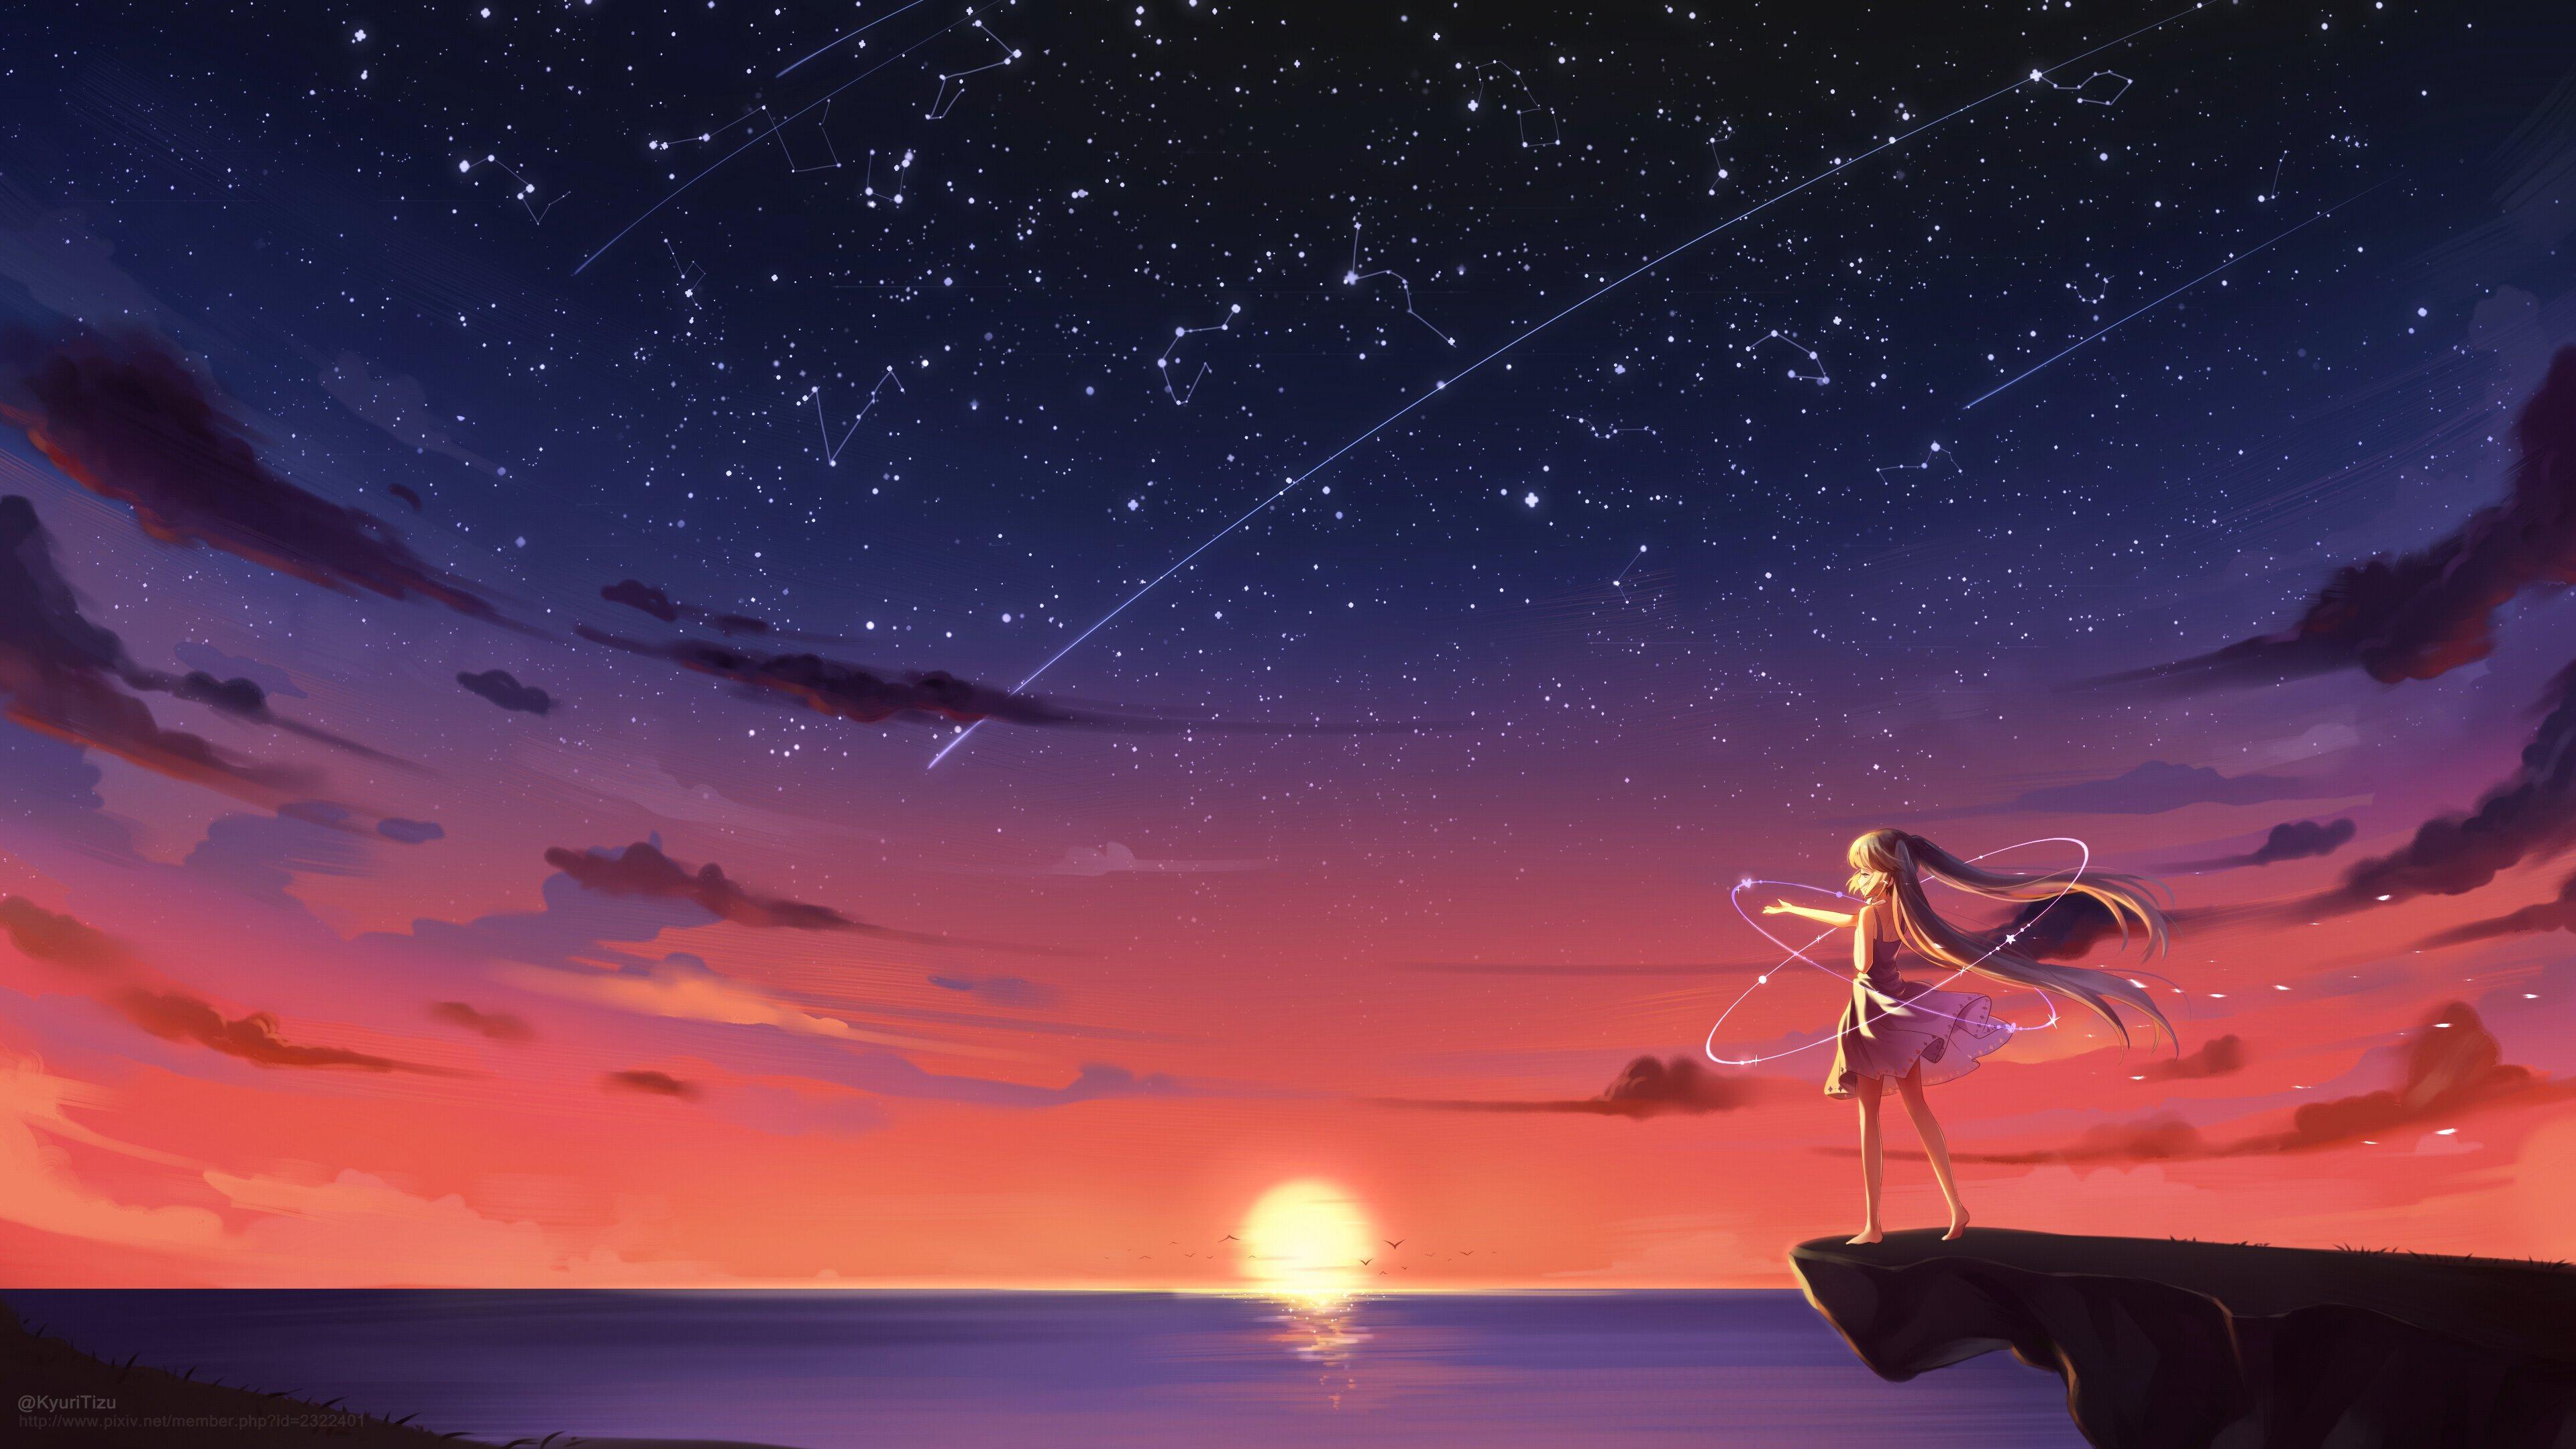 anime girl barefoot blonde sky stars sunset 4k 1541973954 - Anime Girl Barefoot Blonde Sky Stars Sunset 4k - hd-wallpapers, anime wallpapers, anime girl wallpapers, 4k-wallpapers